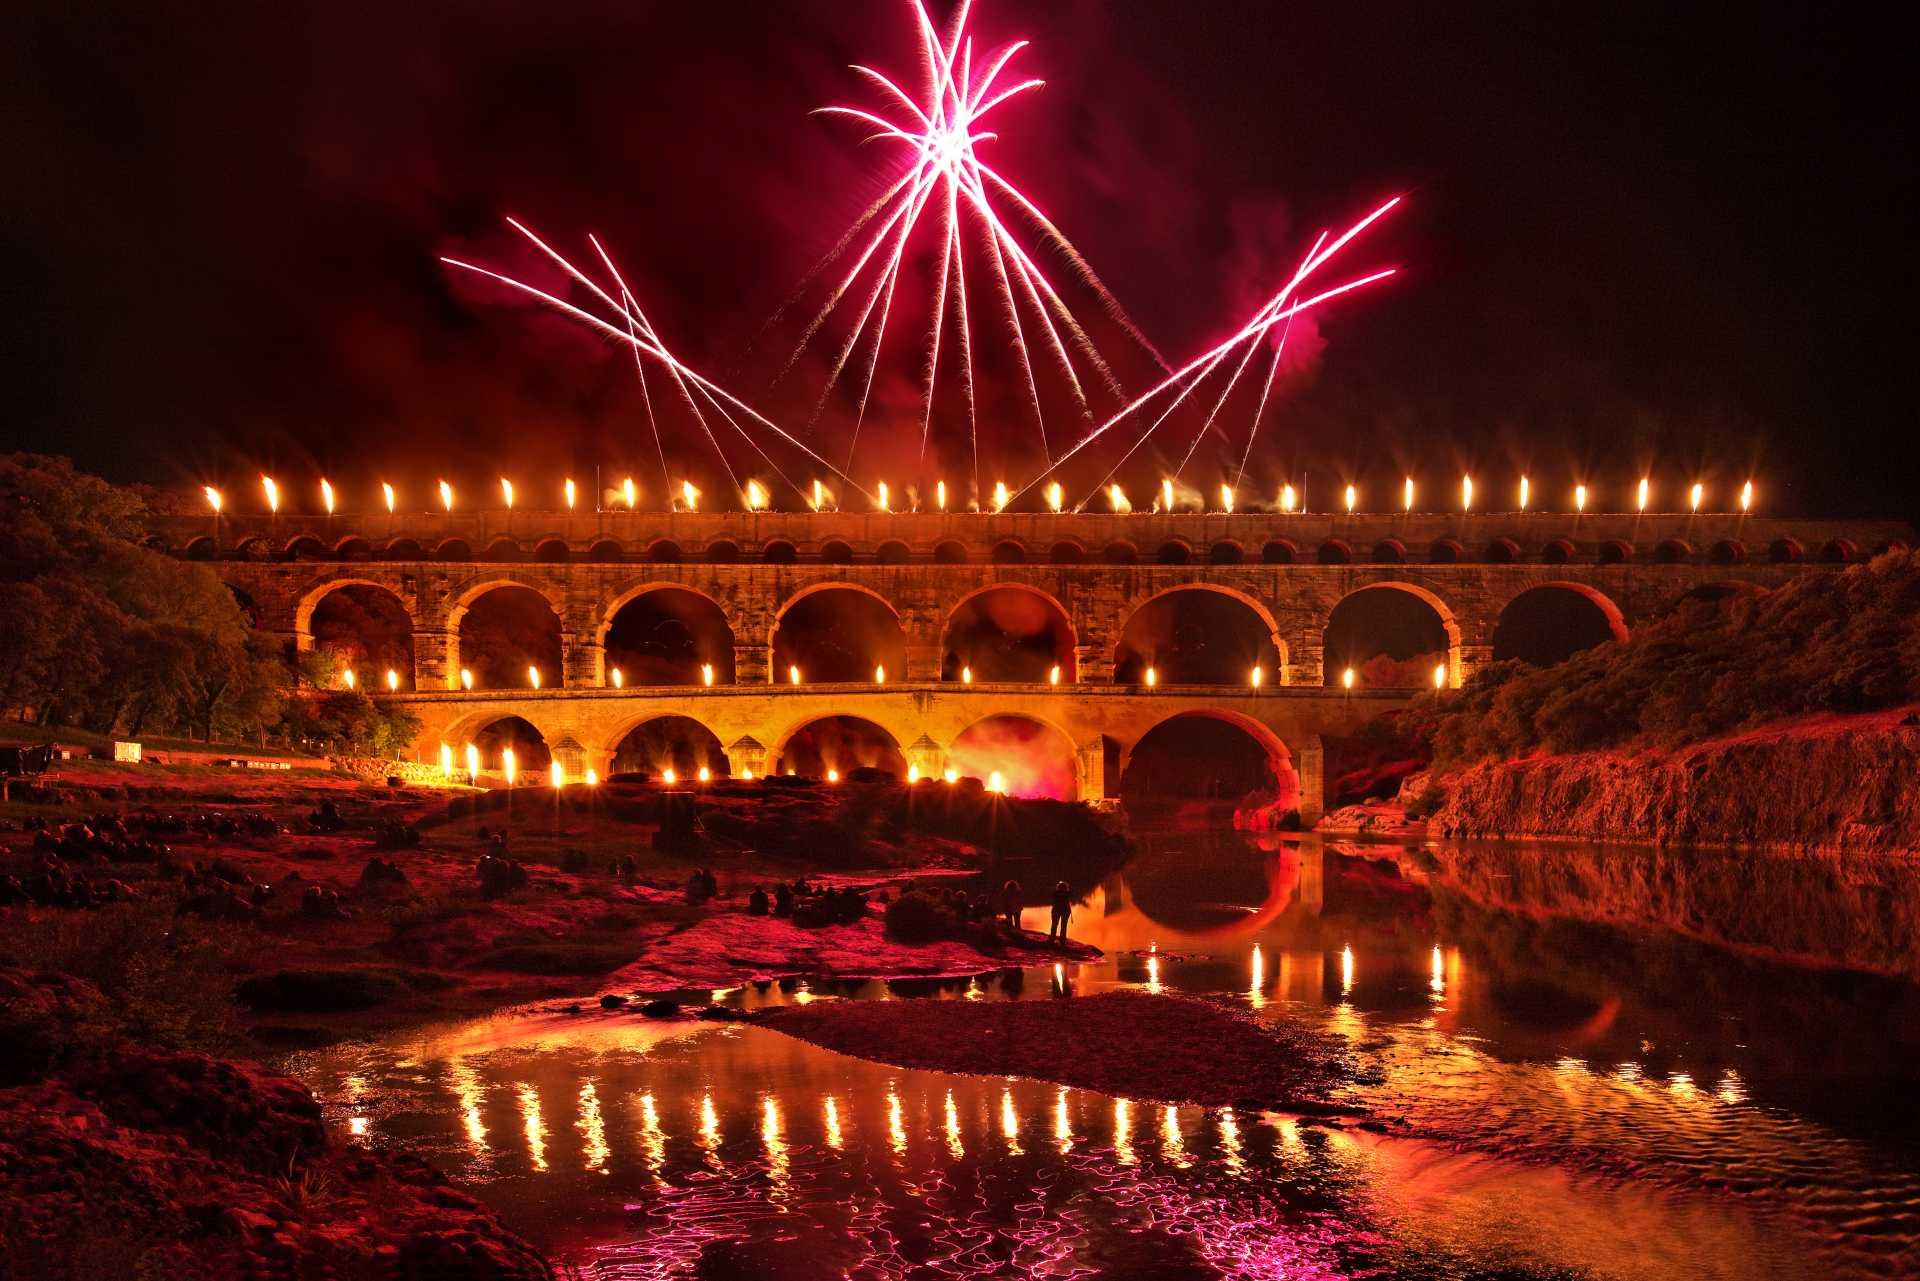 France - Pont du Gard - Spectacle - Chaque été, à la nuit tombée, le Pont du Gard s'embrase des illuminations.